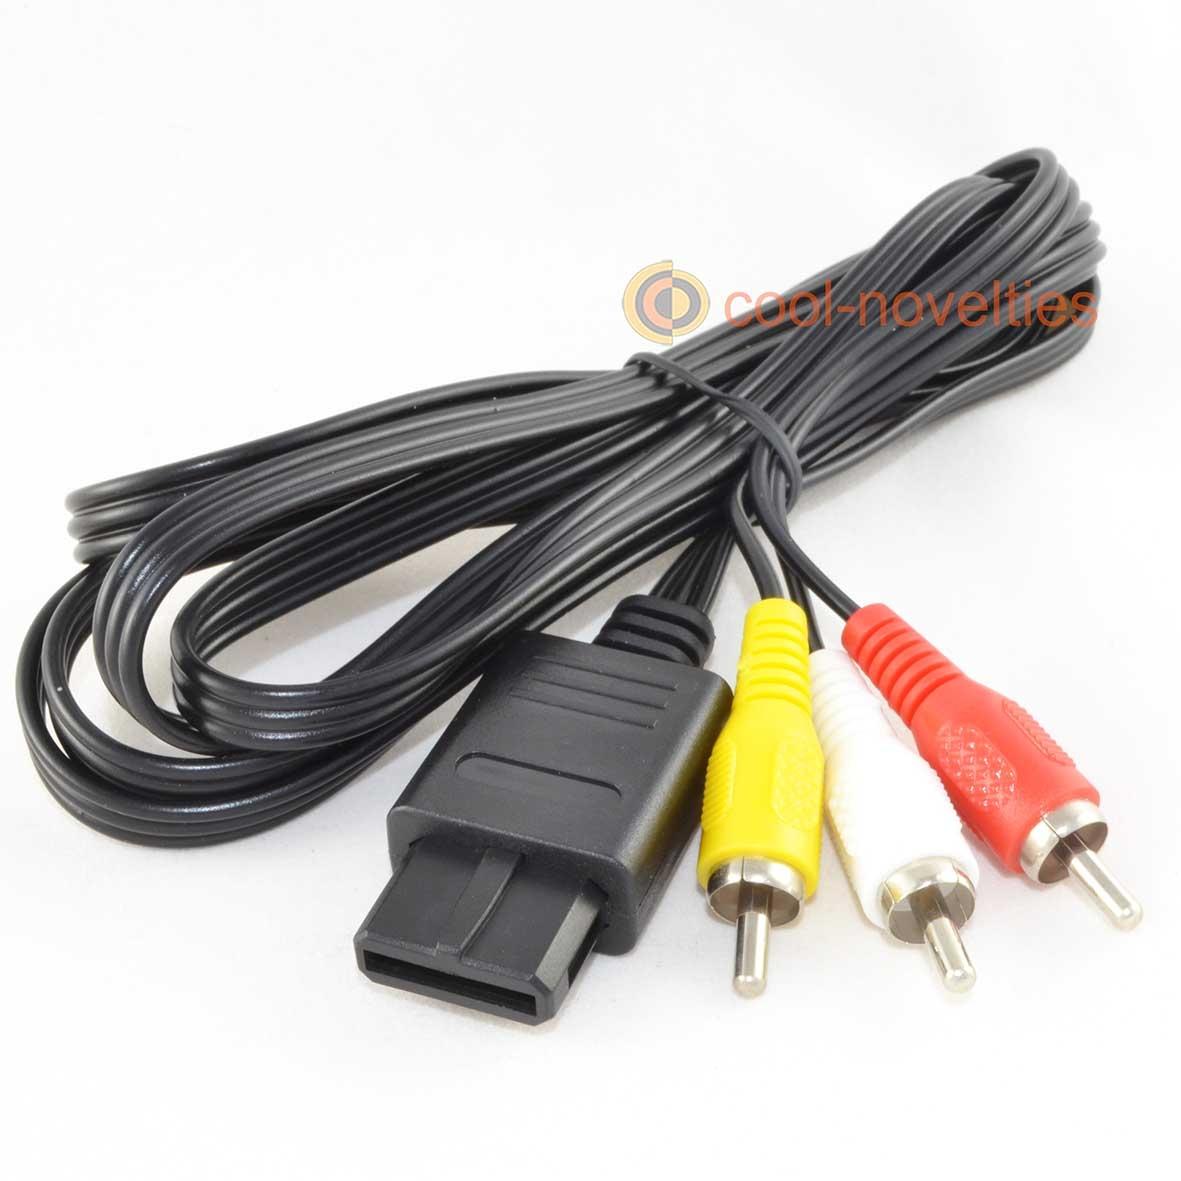 Super Nintendo SNES, Gamecube & N64 RCA A/V Cable